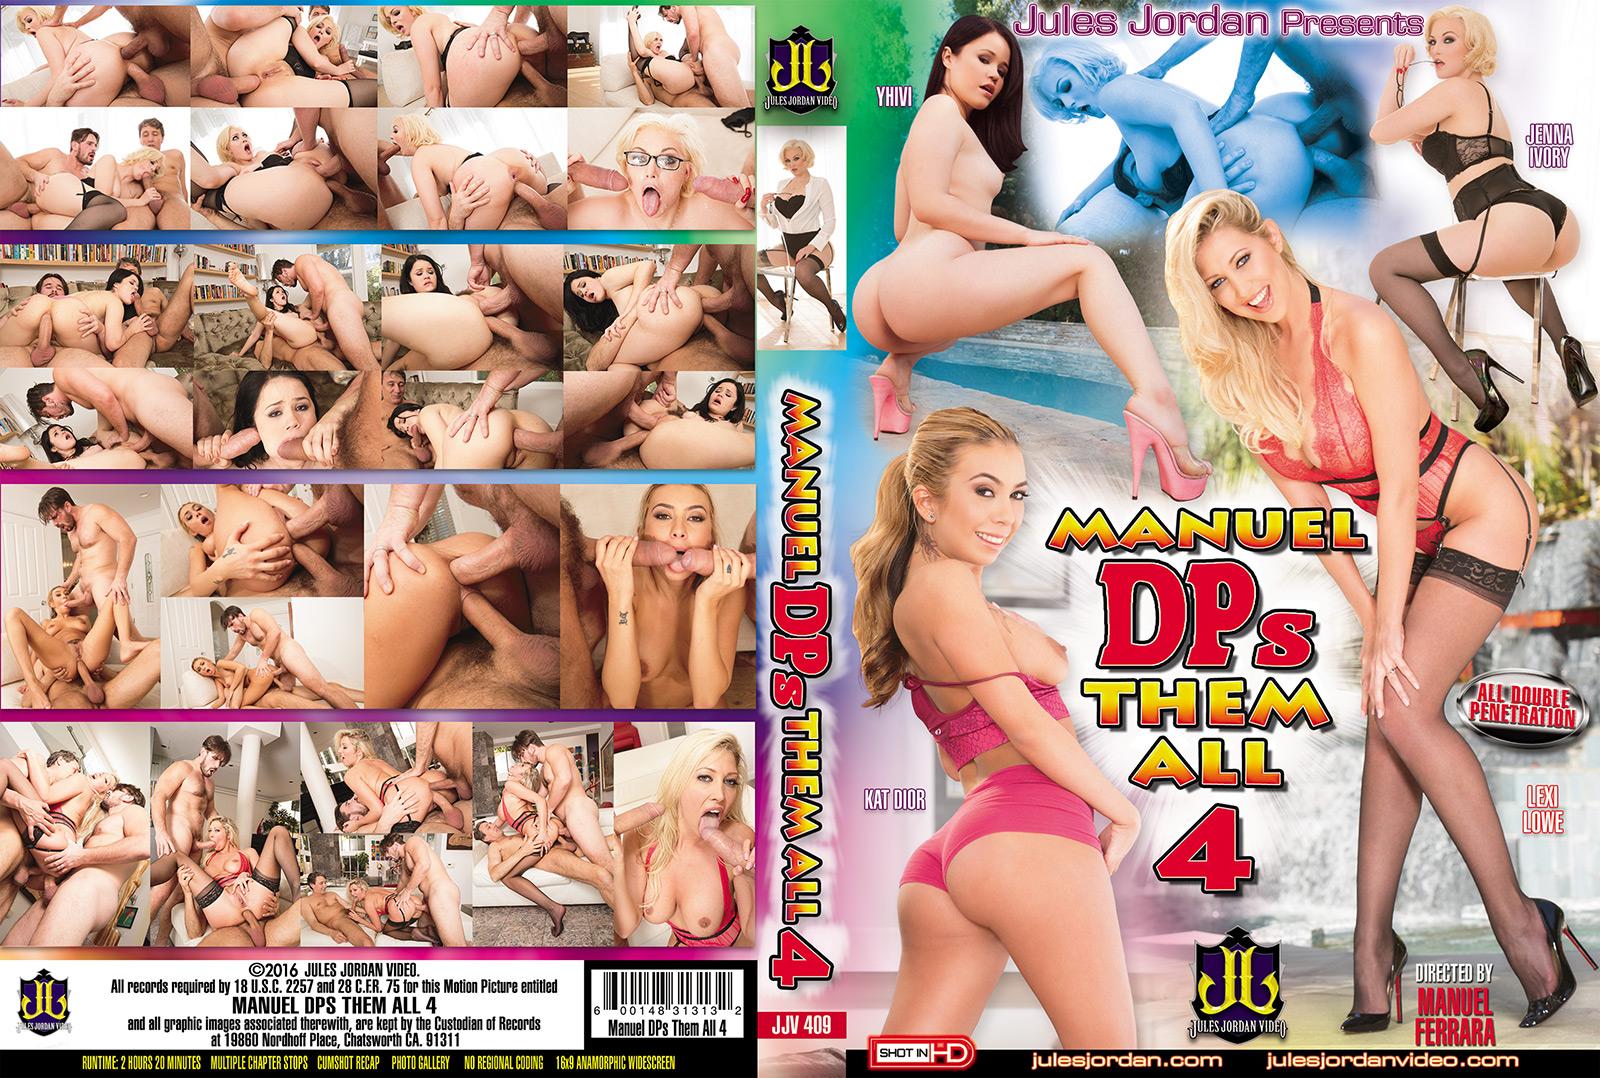 Manuel DPs Them All 4 DVD